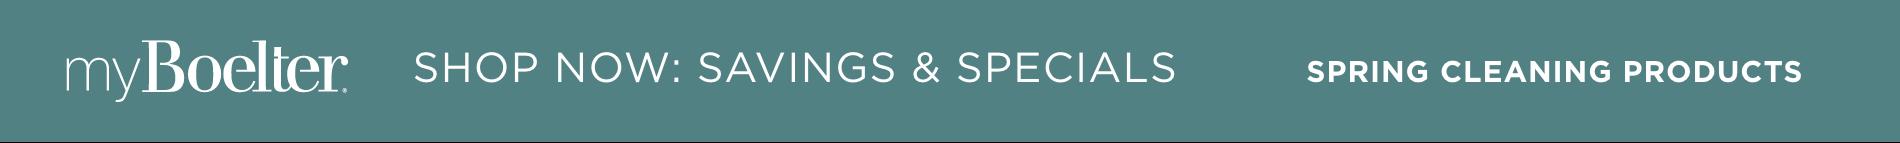 MyBoelter Specials